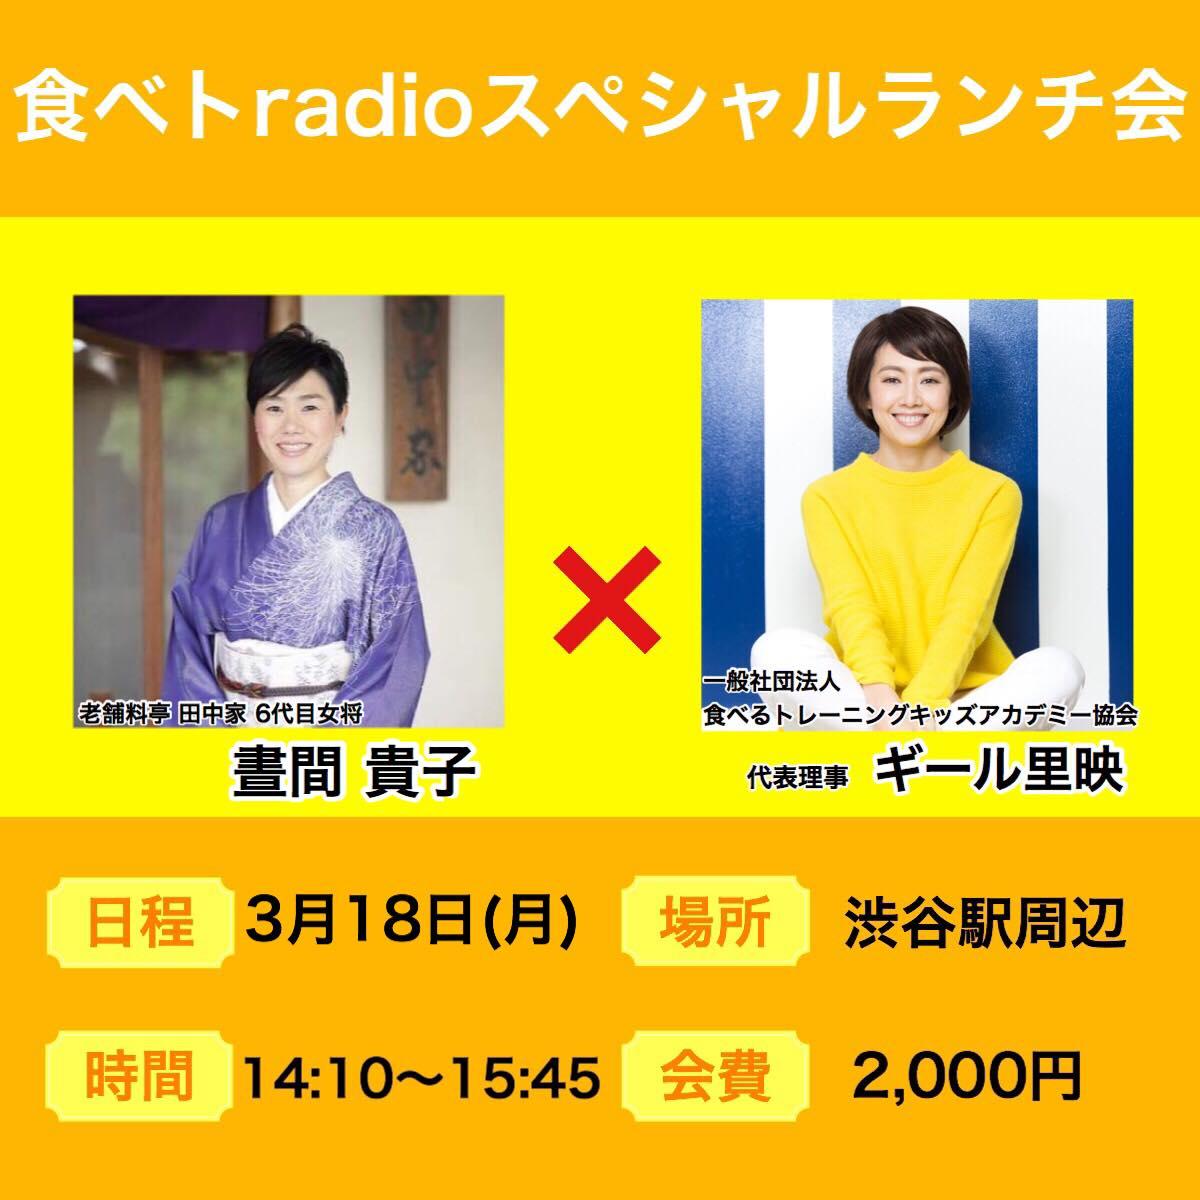 食べトRadio スペシャルランチ会 晝間貴子さん、坂本龍馬の妻、お龍が働いていた、とされる老舗旅館『田中屋』の6代目女将